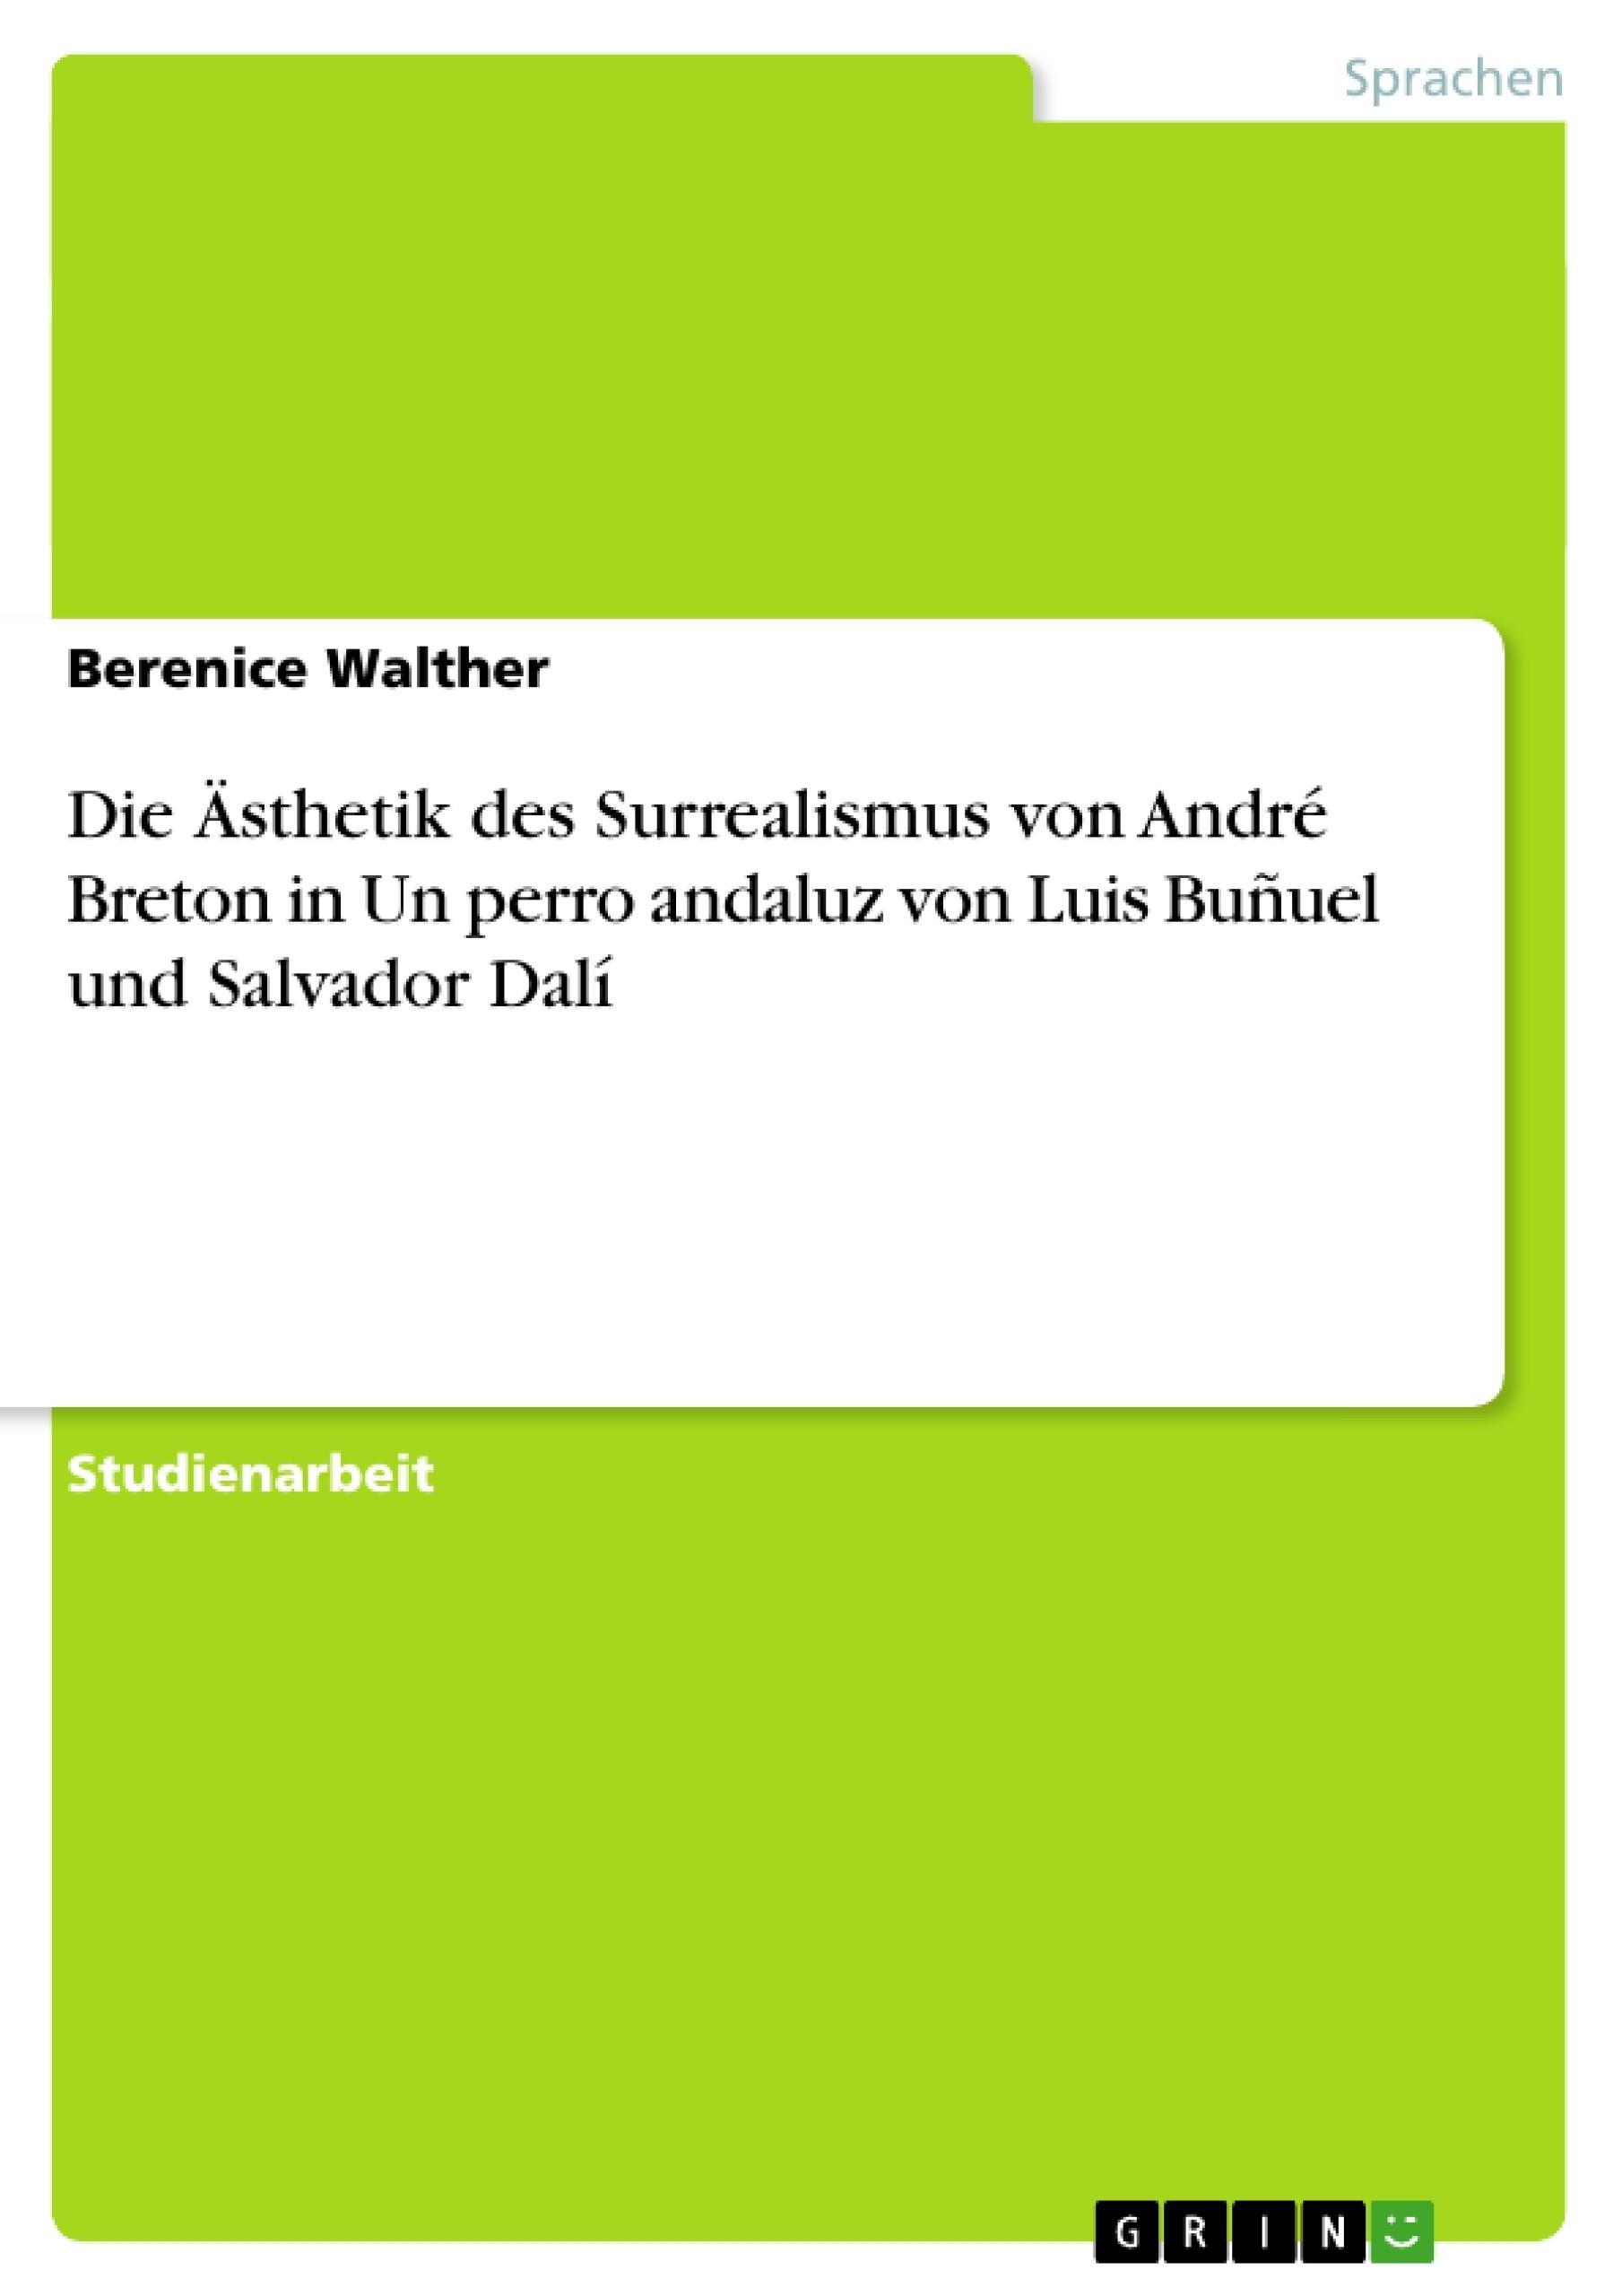 Titel: Die Ästhetik des Surrealismus von André Breton in Un perro andaluz von Luis Buñuel und  Salvador Dalí